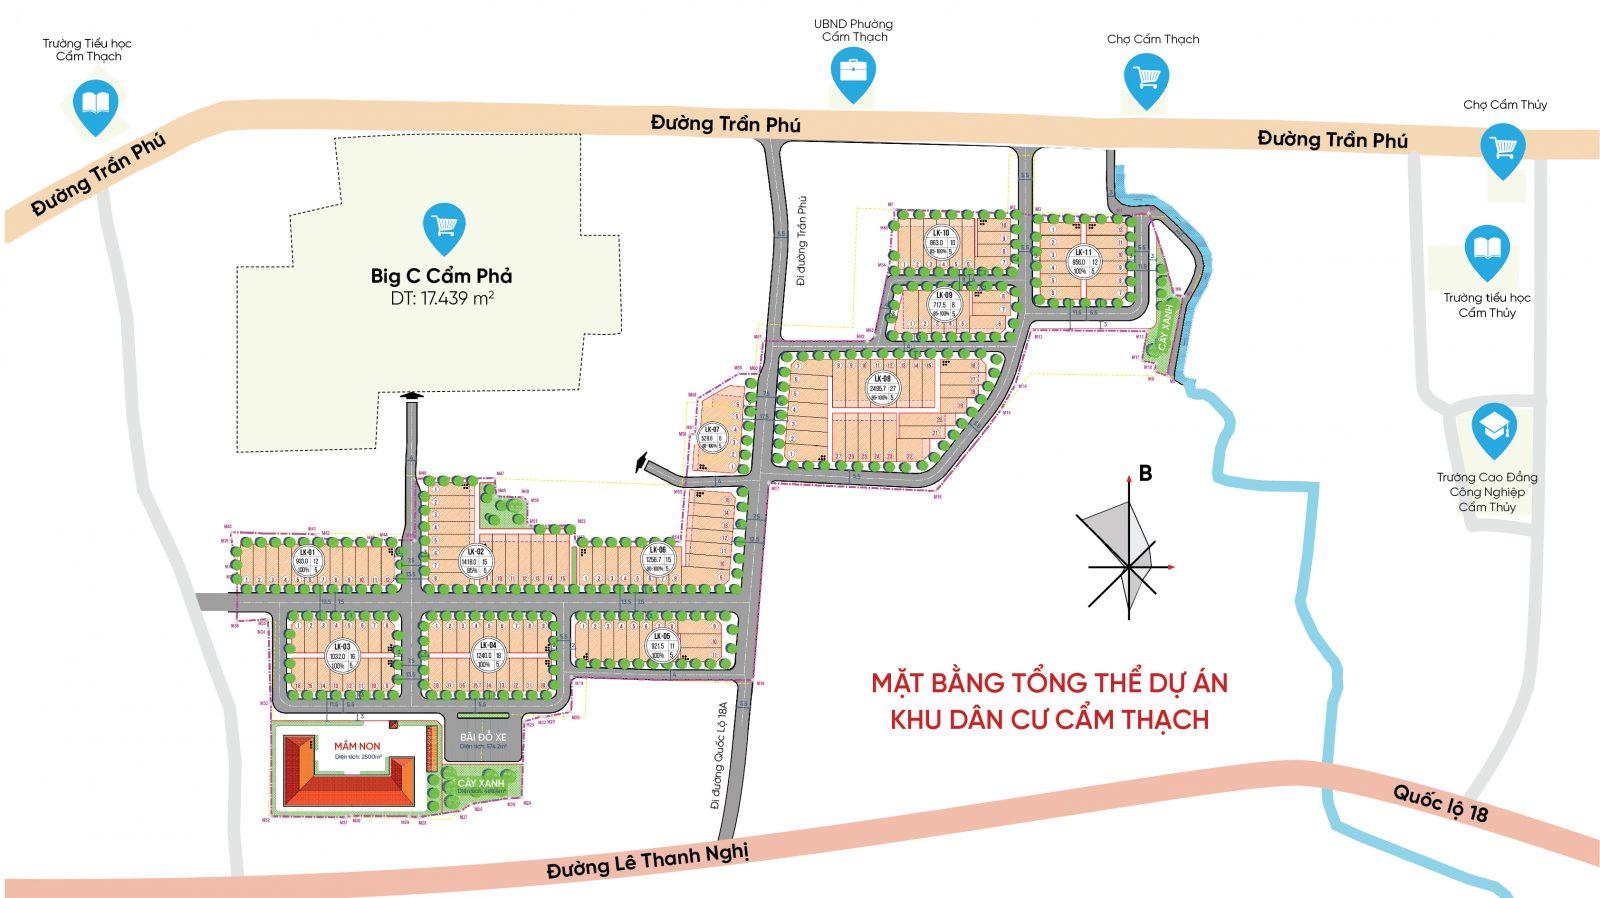 Mặt bằng tổng thể dự án Khu dân cư Cẩm Thạch